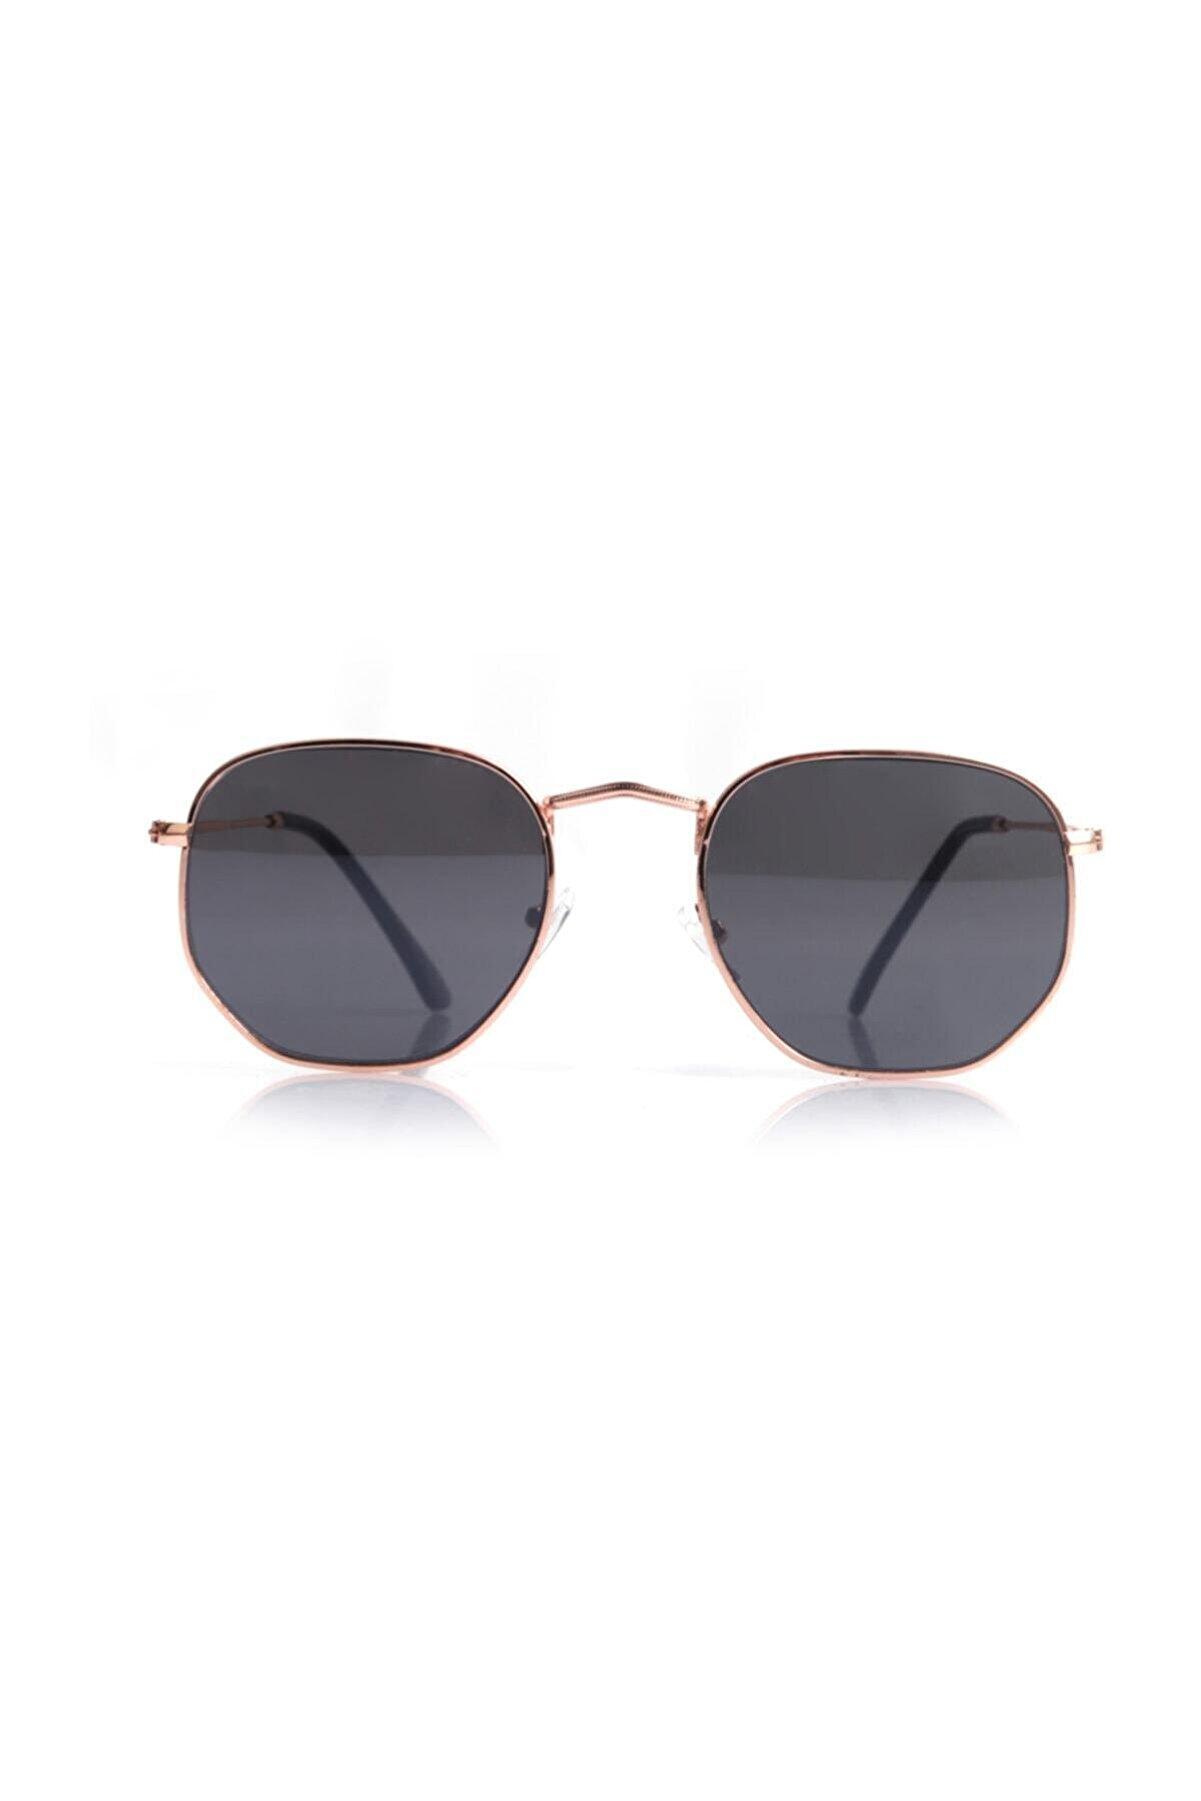 Nilu Moda Unisex Beşgen Güneş Gözlüğü